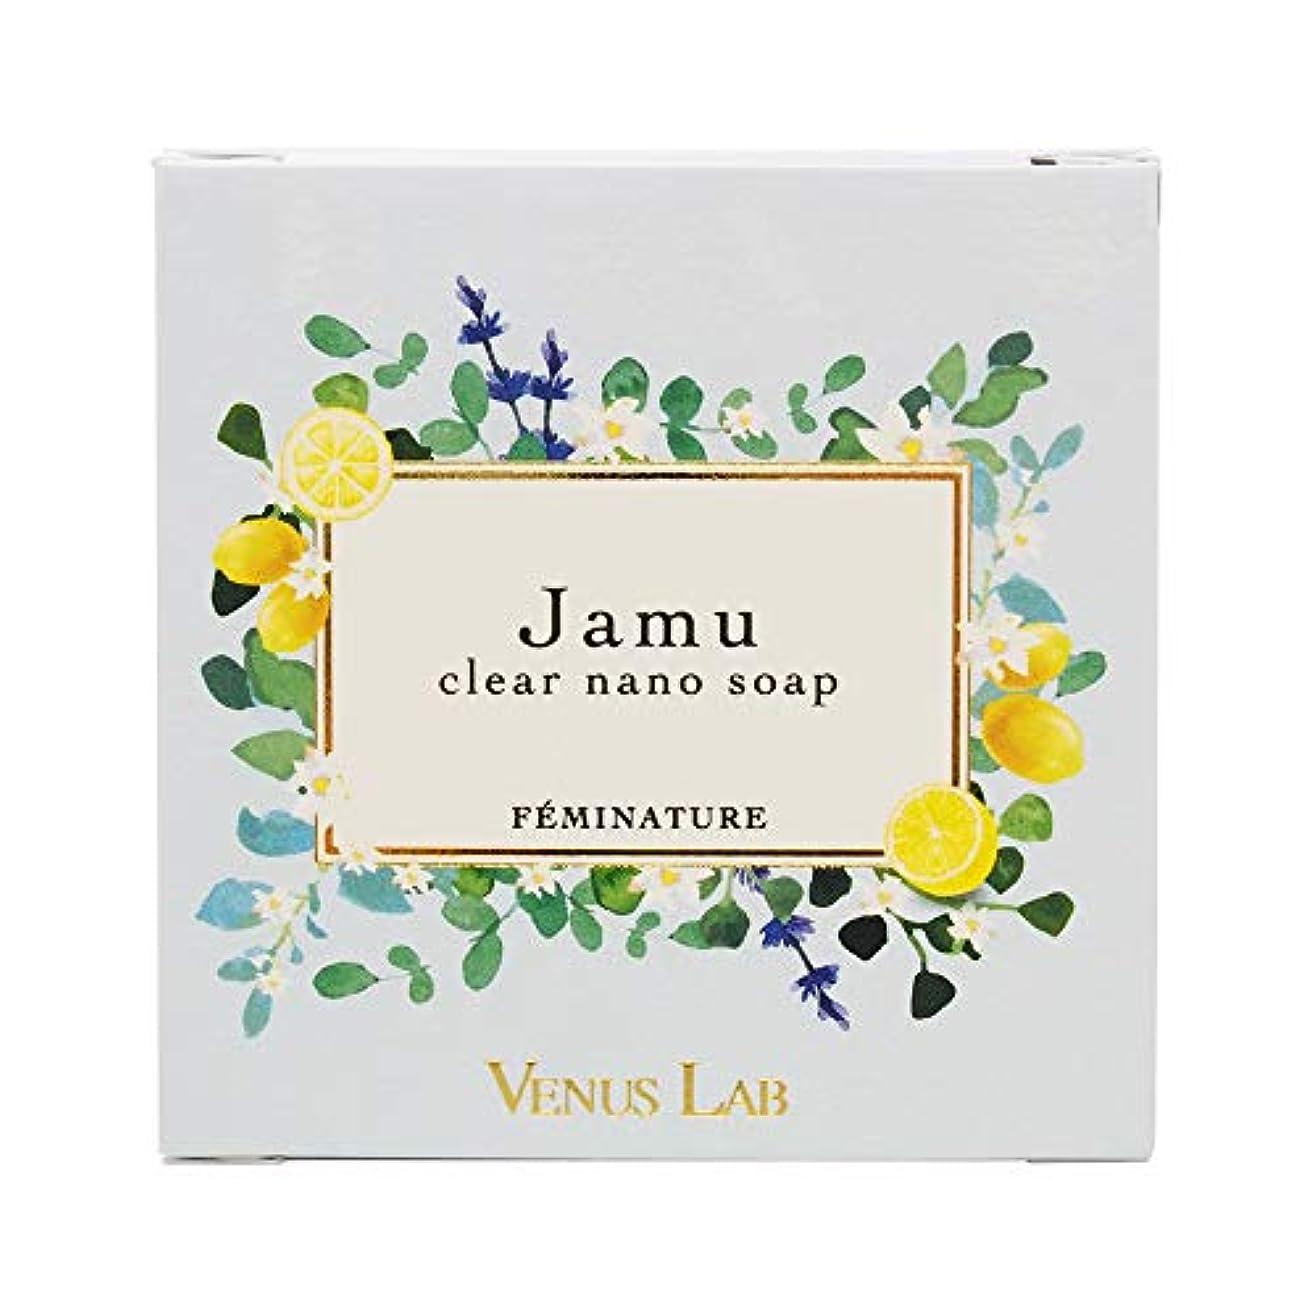 ビデオ冊子まっすぐヴィーナスラボ フェミナチュール ジャムウクリアナノソープ 石鹸 レモングラスの香り 100g